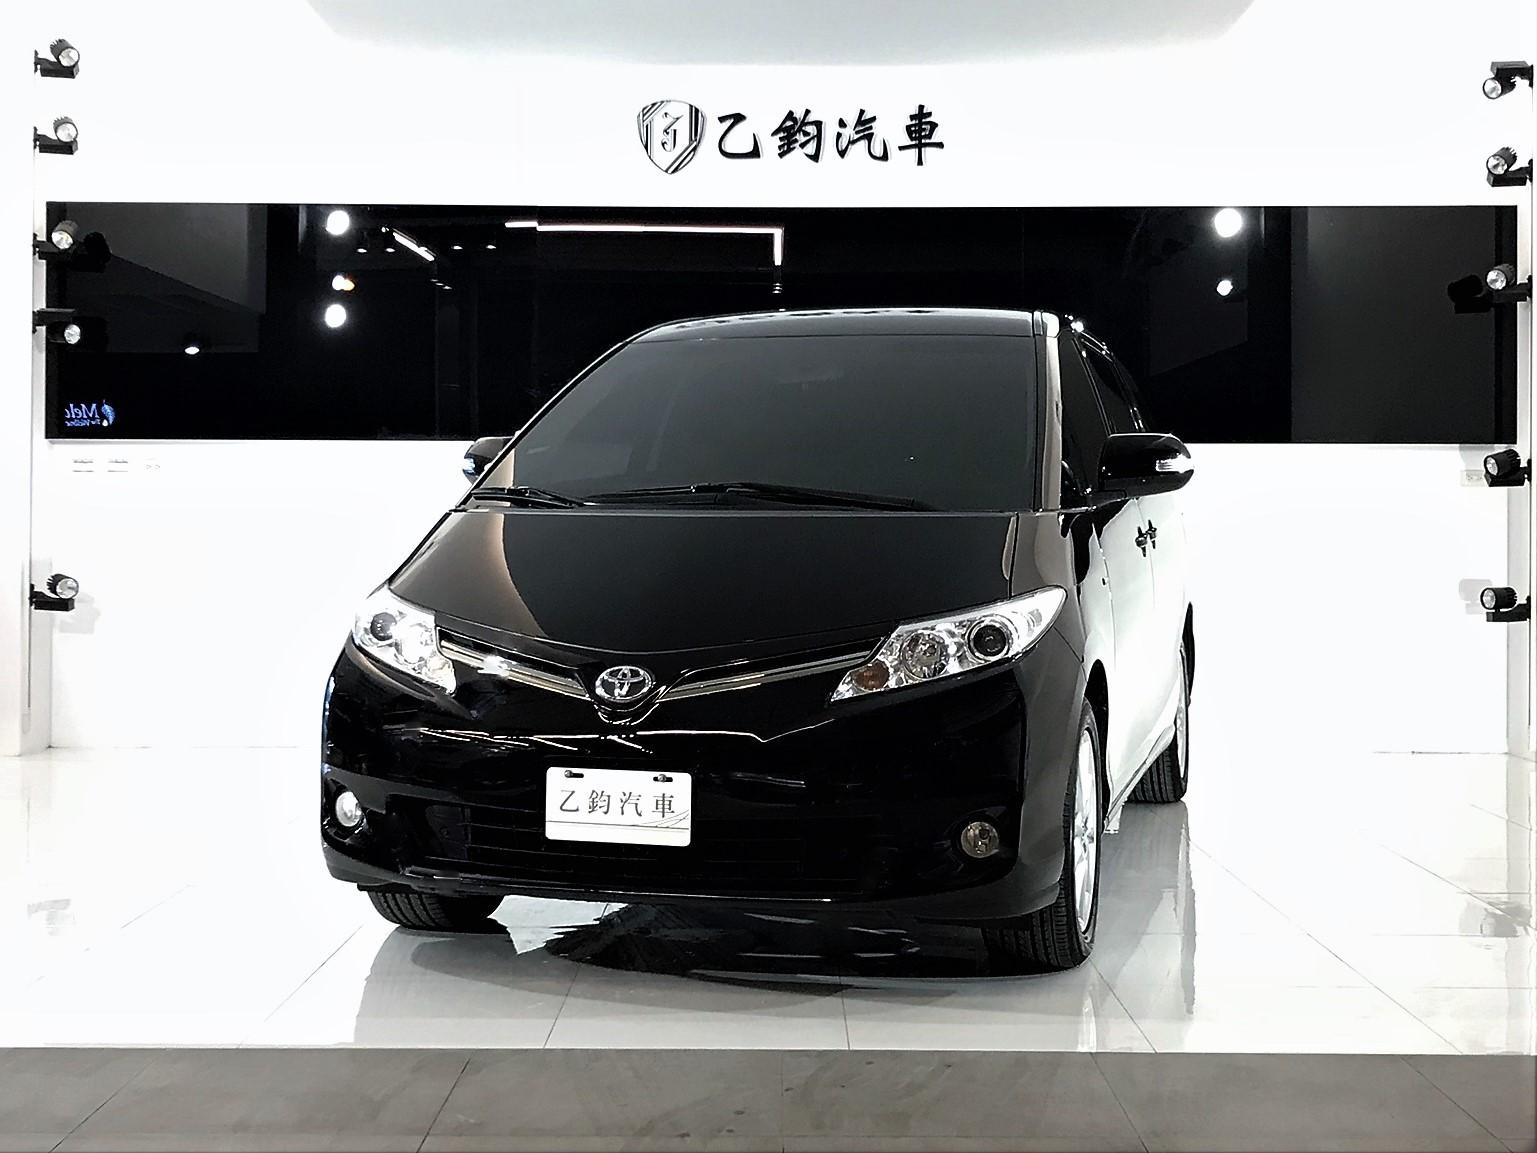 2014 Toyota Previa